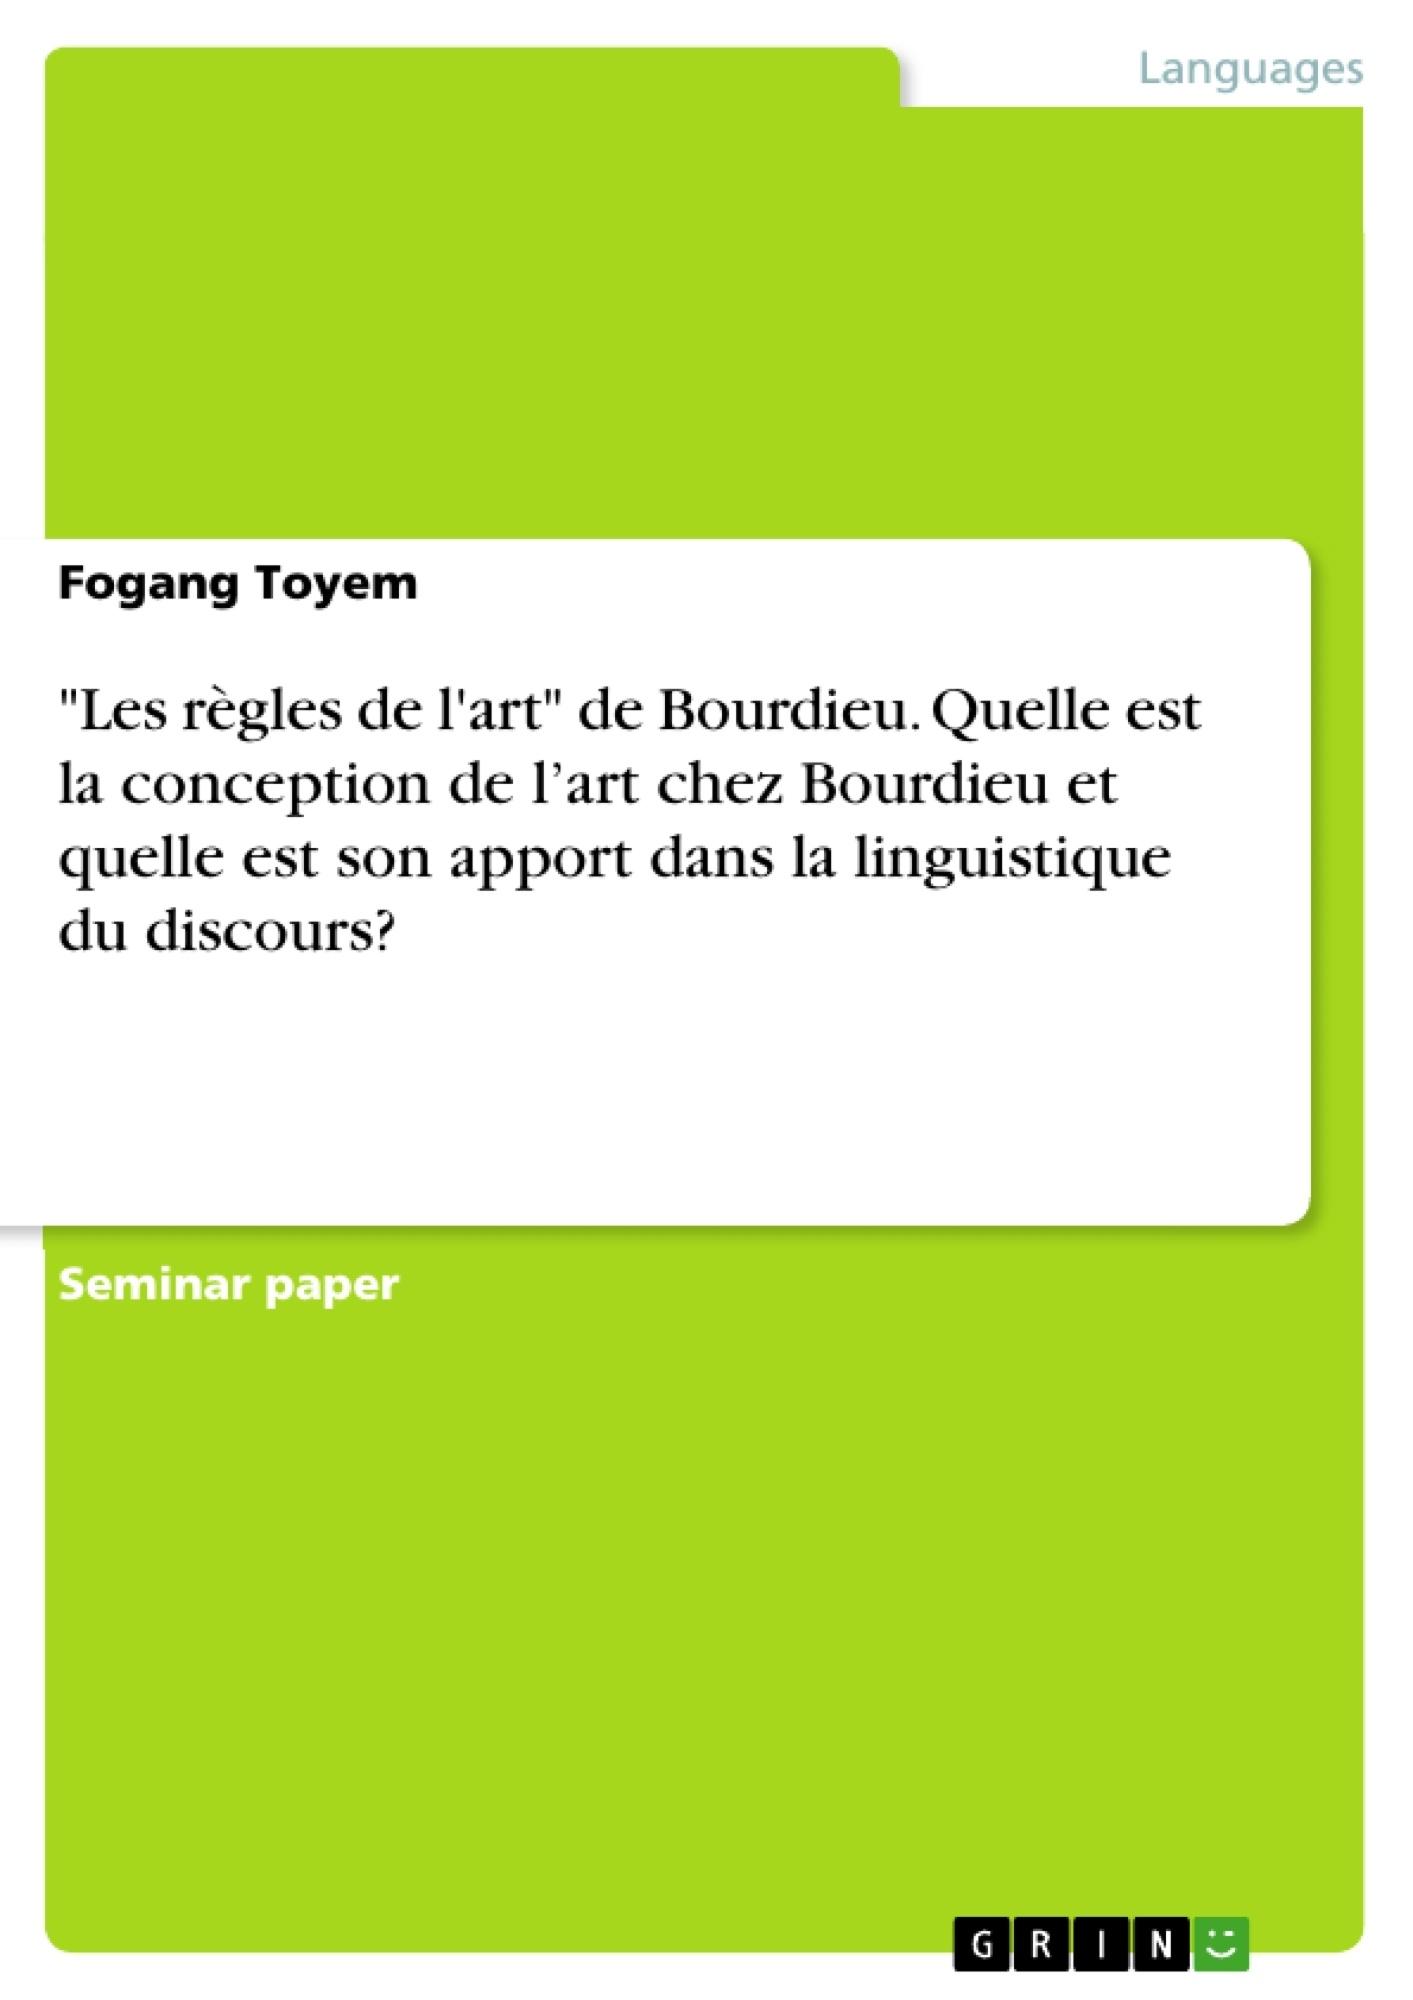 """Titre: """"Les règles de l'art"""" de Bourdieu. Quelle est la conception de l'art chez Bourdieu et quelle est son apport dans la linguistique du discours?"""